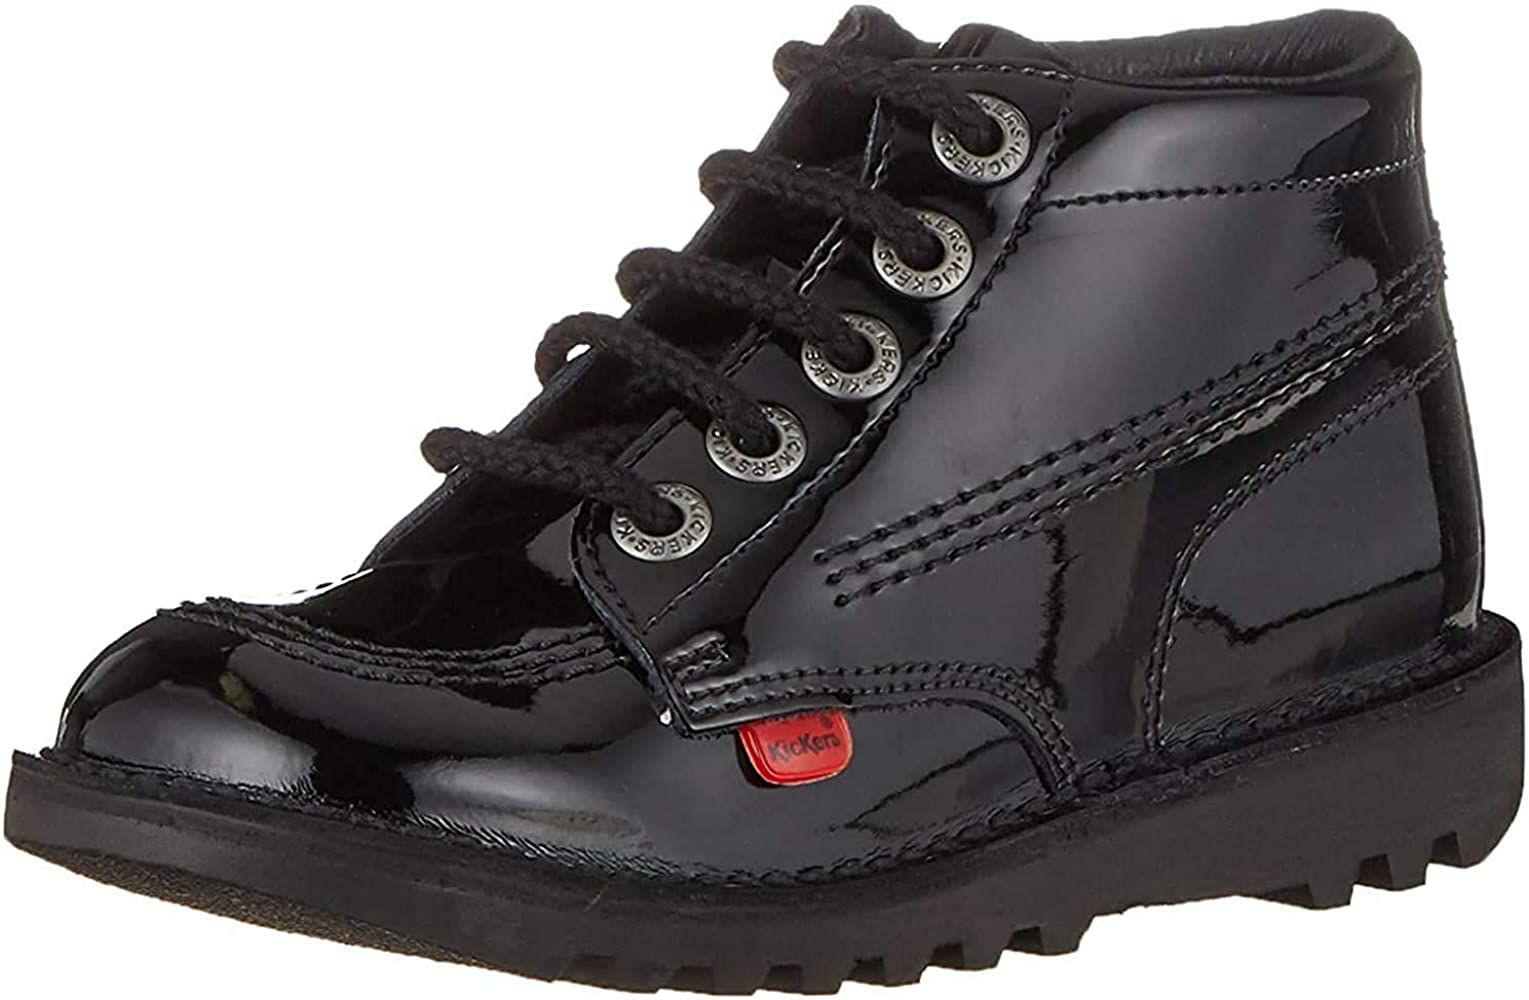 Kickers Unisex Kid's Kick Hi Core Ankle Boots £30 Amazon